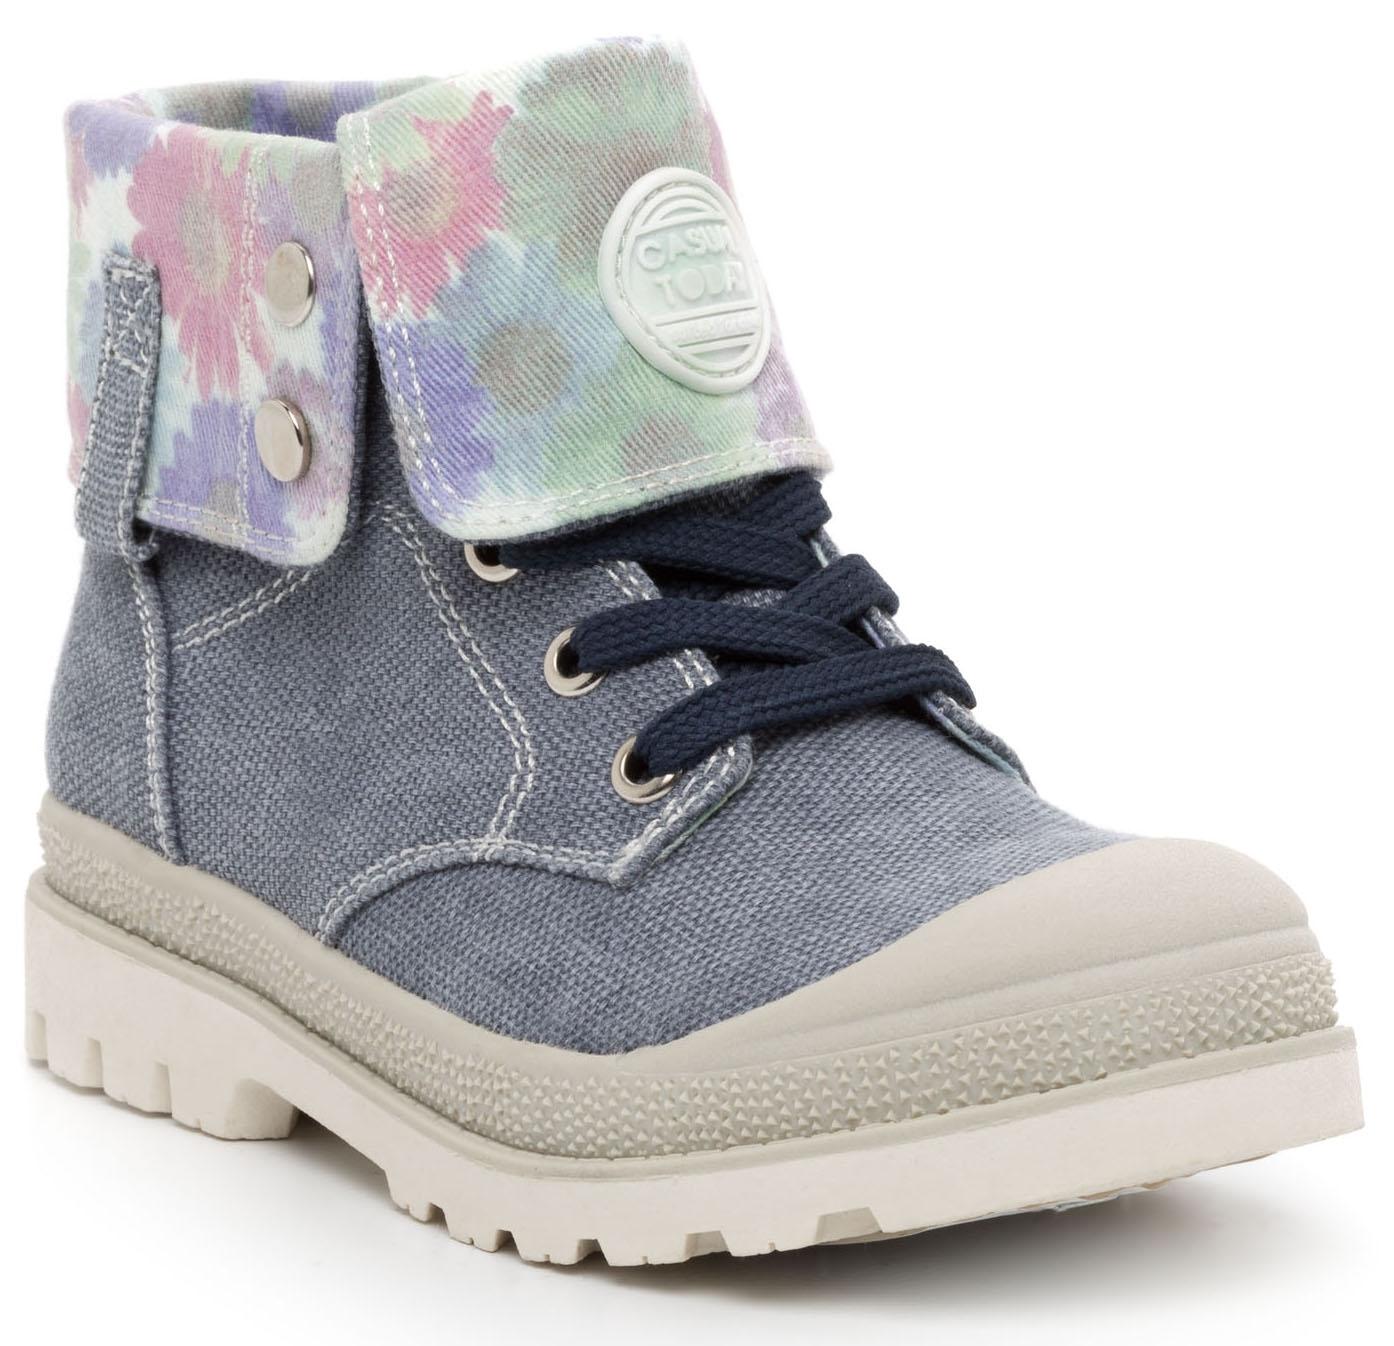 Купить Ботинки и полуботинки, Ботинки для девочки Barkito, серо-голубые, Китай, серо-голубой, Женский